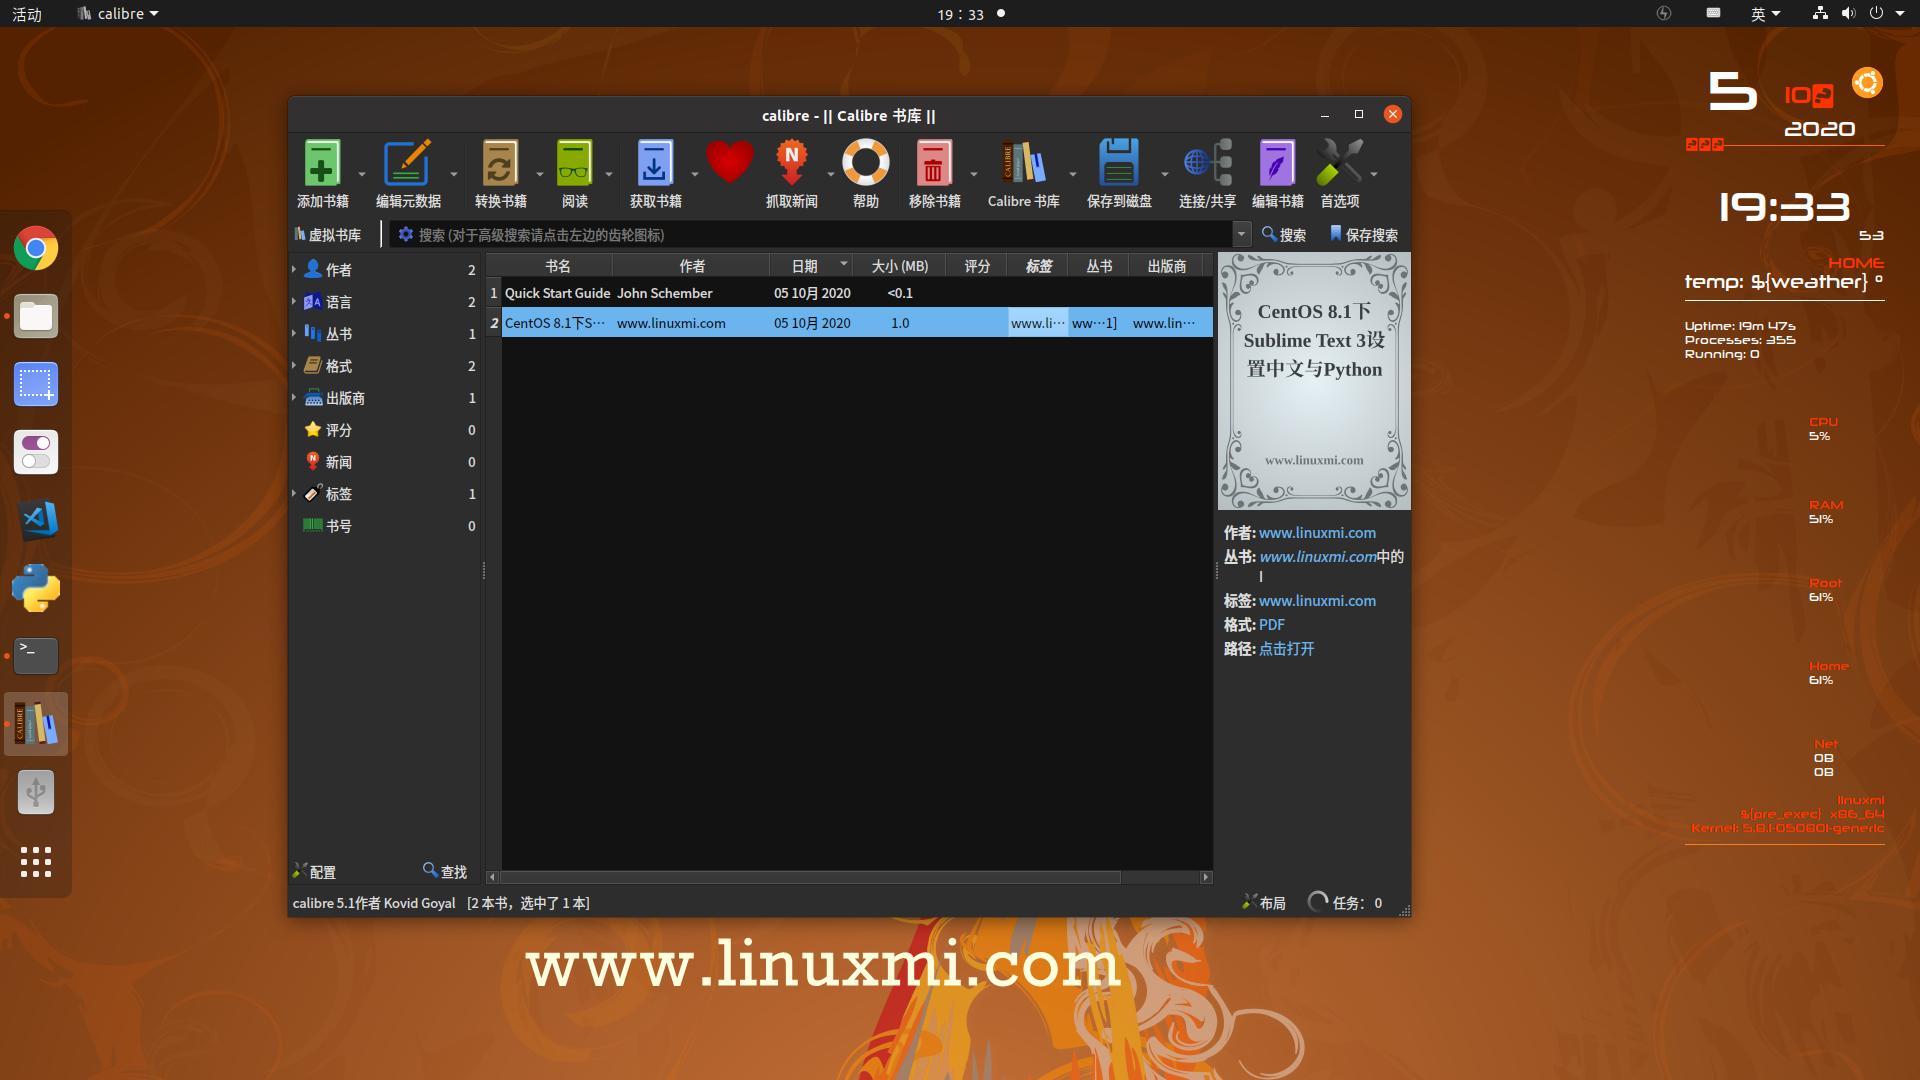 电子书管理软件 Calibre 5.1 发布,支持夜间模式